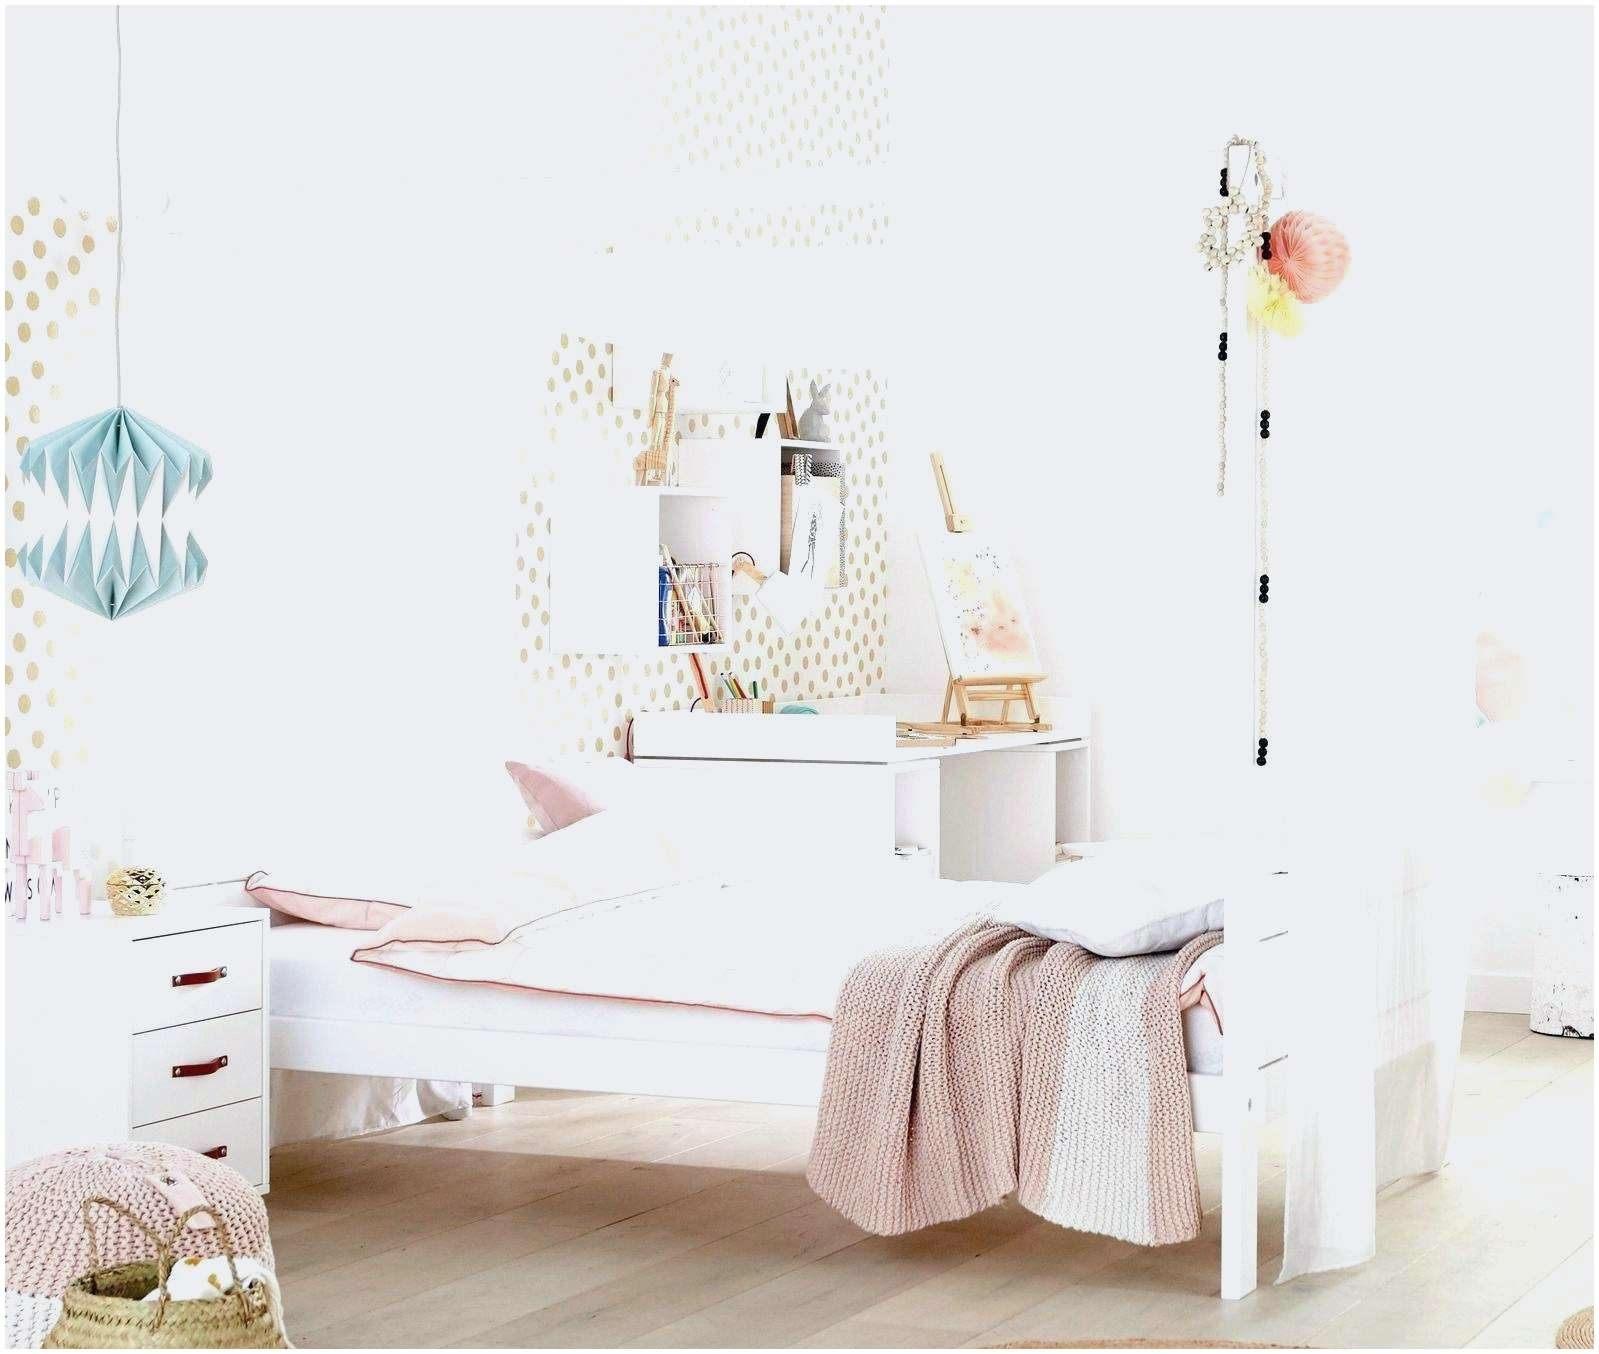 Lit Coffre 90×190 Ikea Beau Luxe Matras 200 X 160 Fresh Ikea Betten 120—200 Genial Sehr Gehend